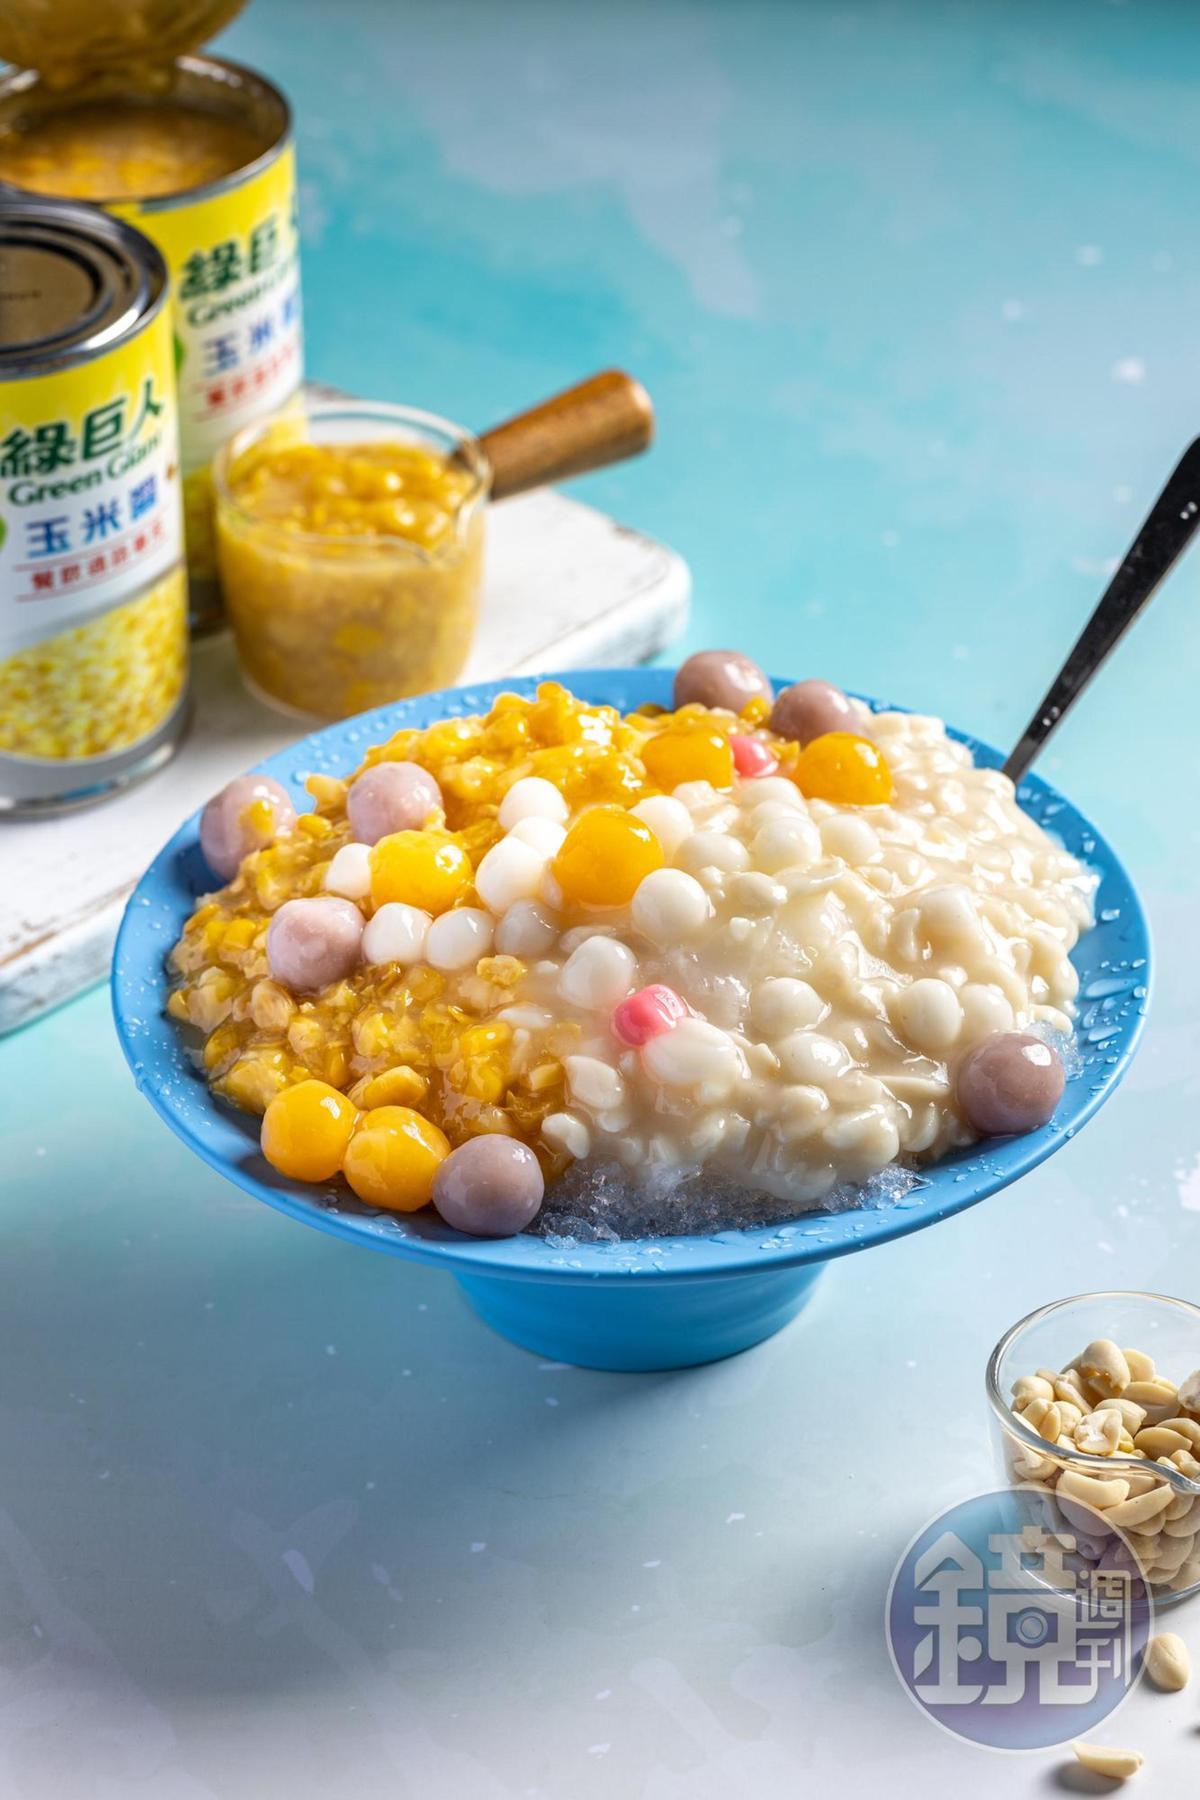 「花生玉米加圓冰」是歷久不衰的人氣招牌,玉米脆嫩、花生鬆棉、圓子Q糯,口感豐富。(100元/碗)